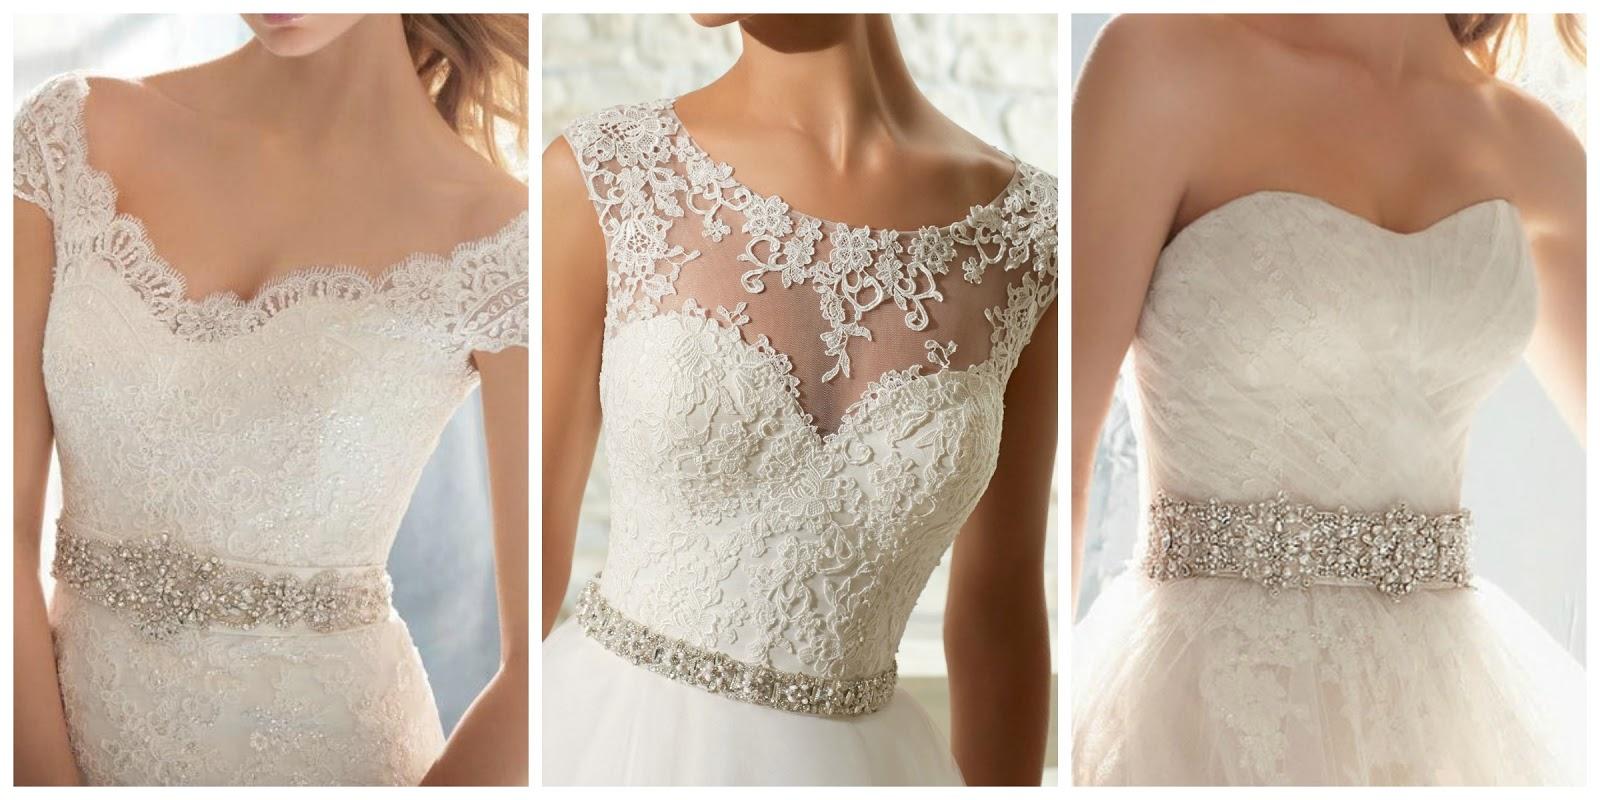 Your make own wedding dress belt images